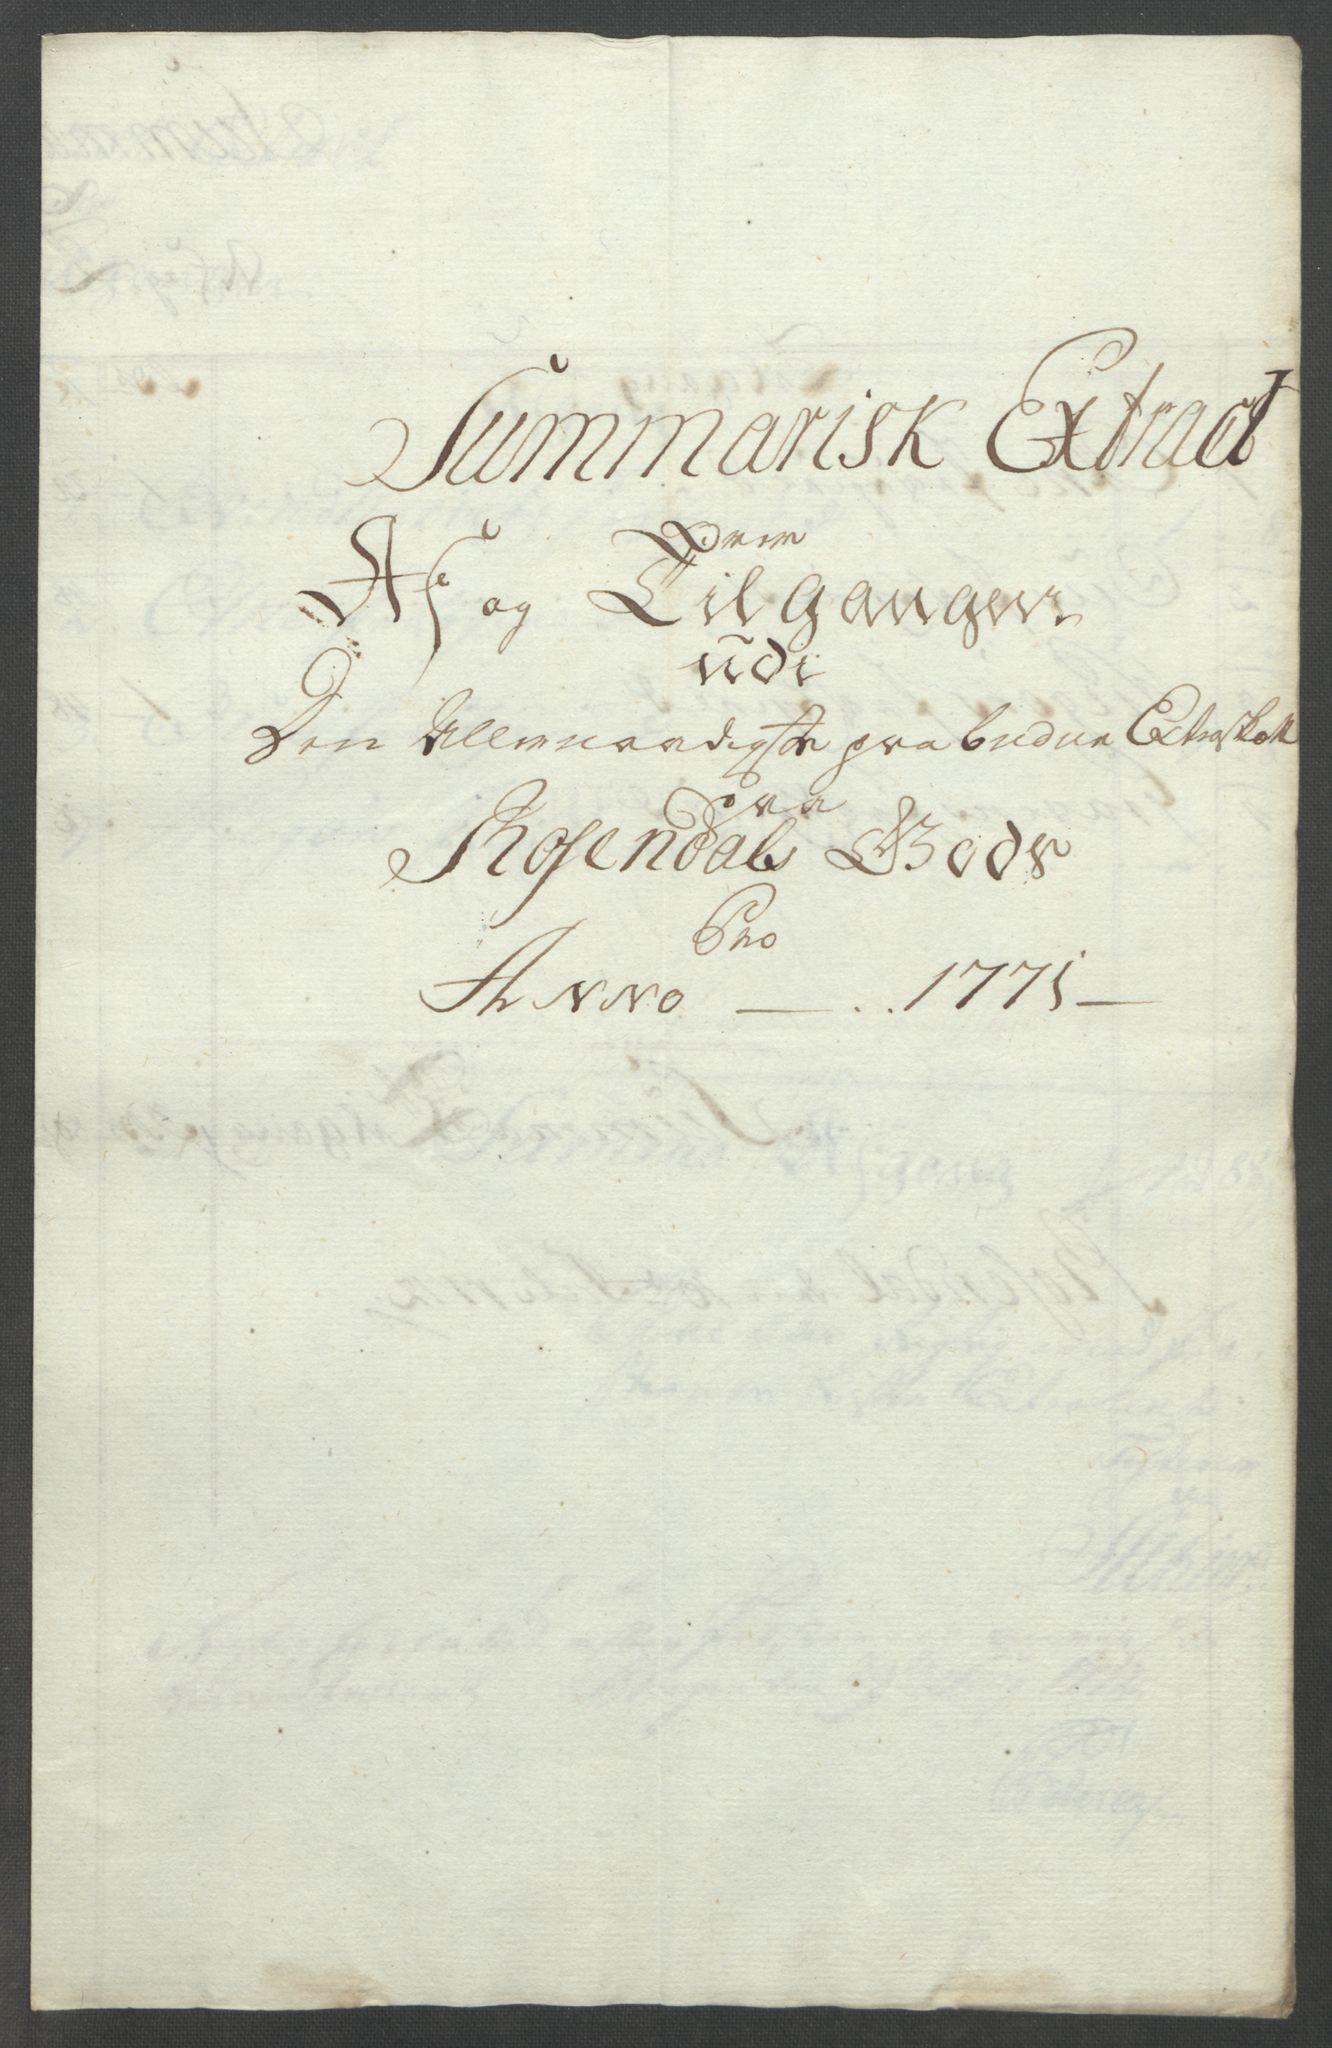 RA, Rentekammeret inntil 1814, Reviderte regnskaper, Fogderegnskap, R49/L3157: Ekstraskatten Rosendal Baroni, 1762-1772, s. 332